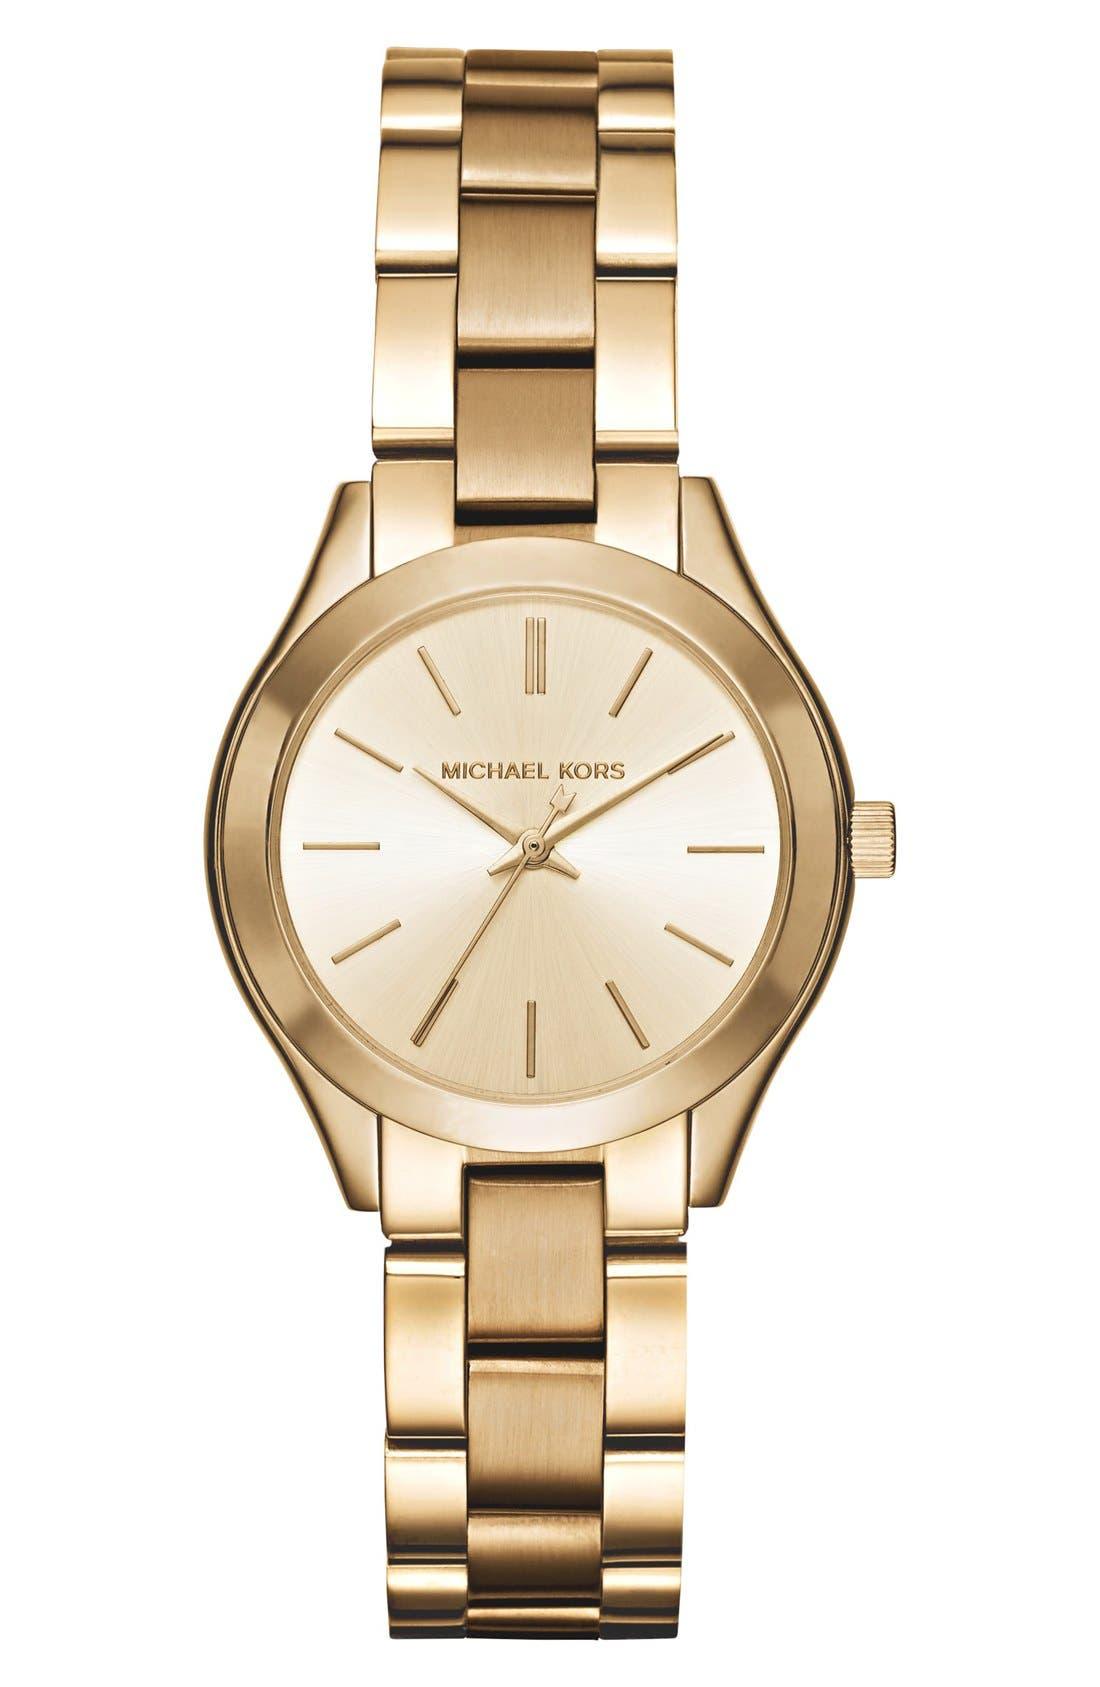 Main Image - Michael Kors 'Slim Runway' Bracelet Watch, 33mm